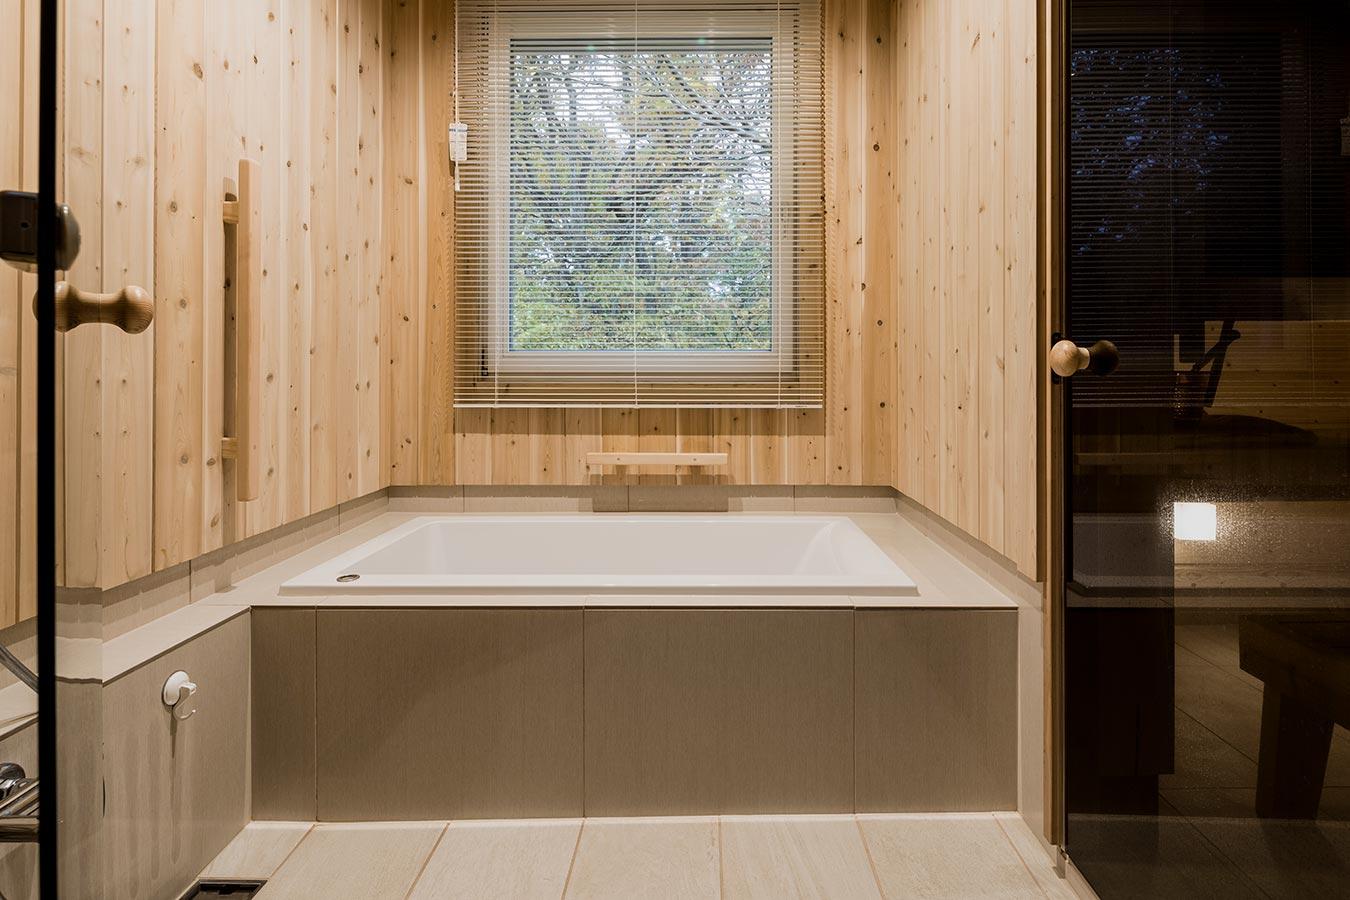 バスルームの壁面に木材を使用。目の前の自然と共に、木の香りも感じられる空間です。